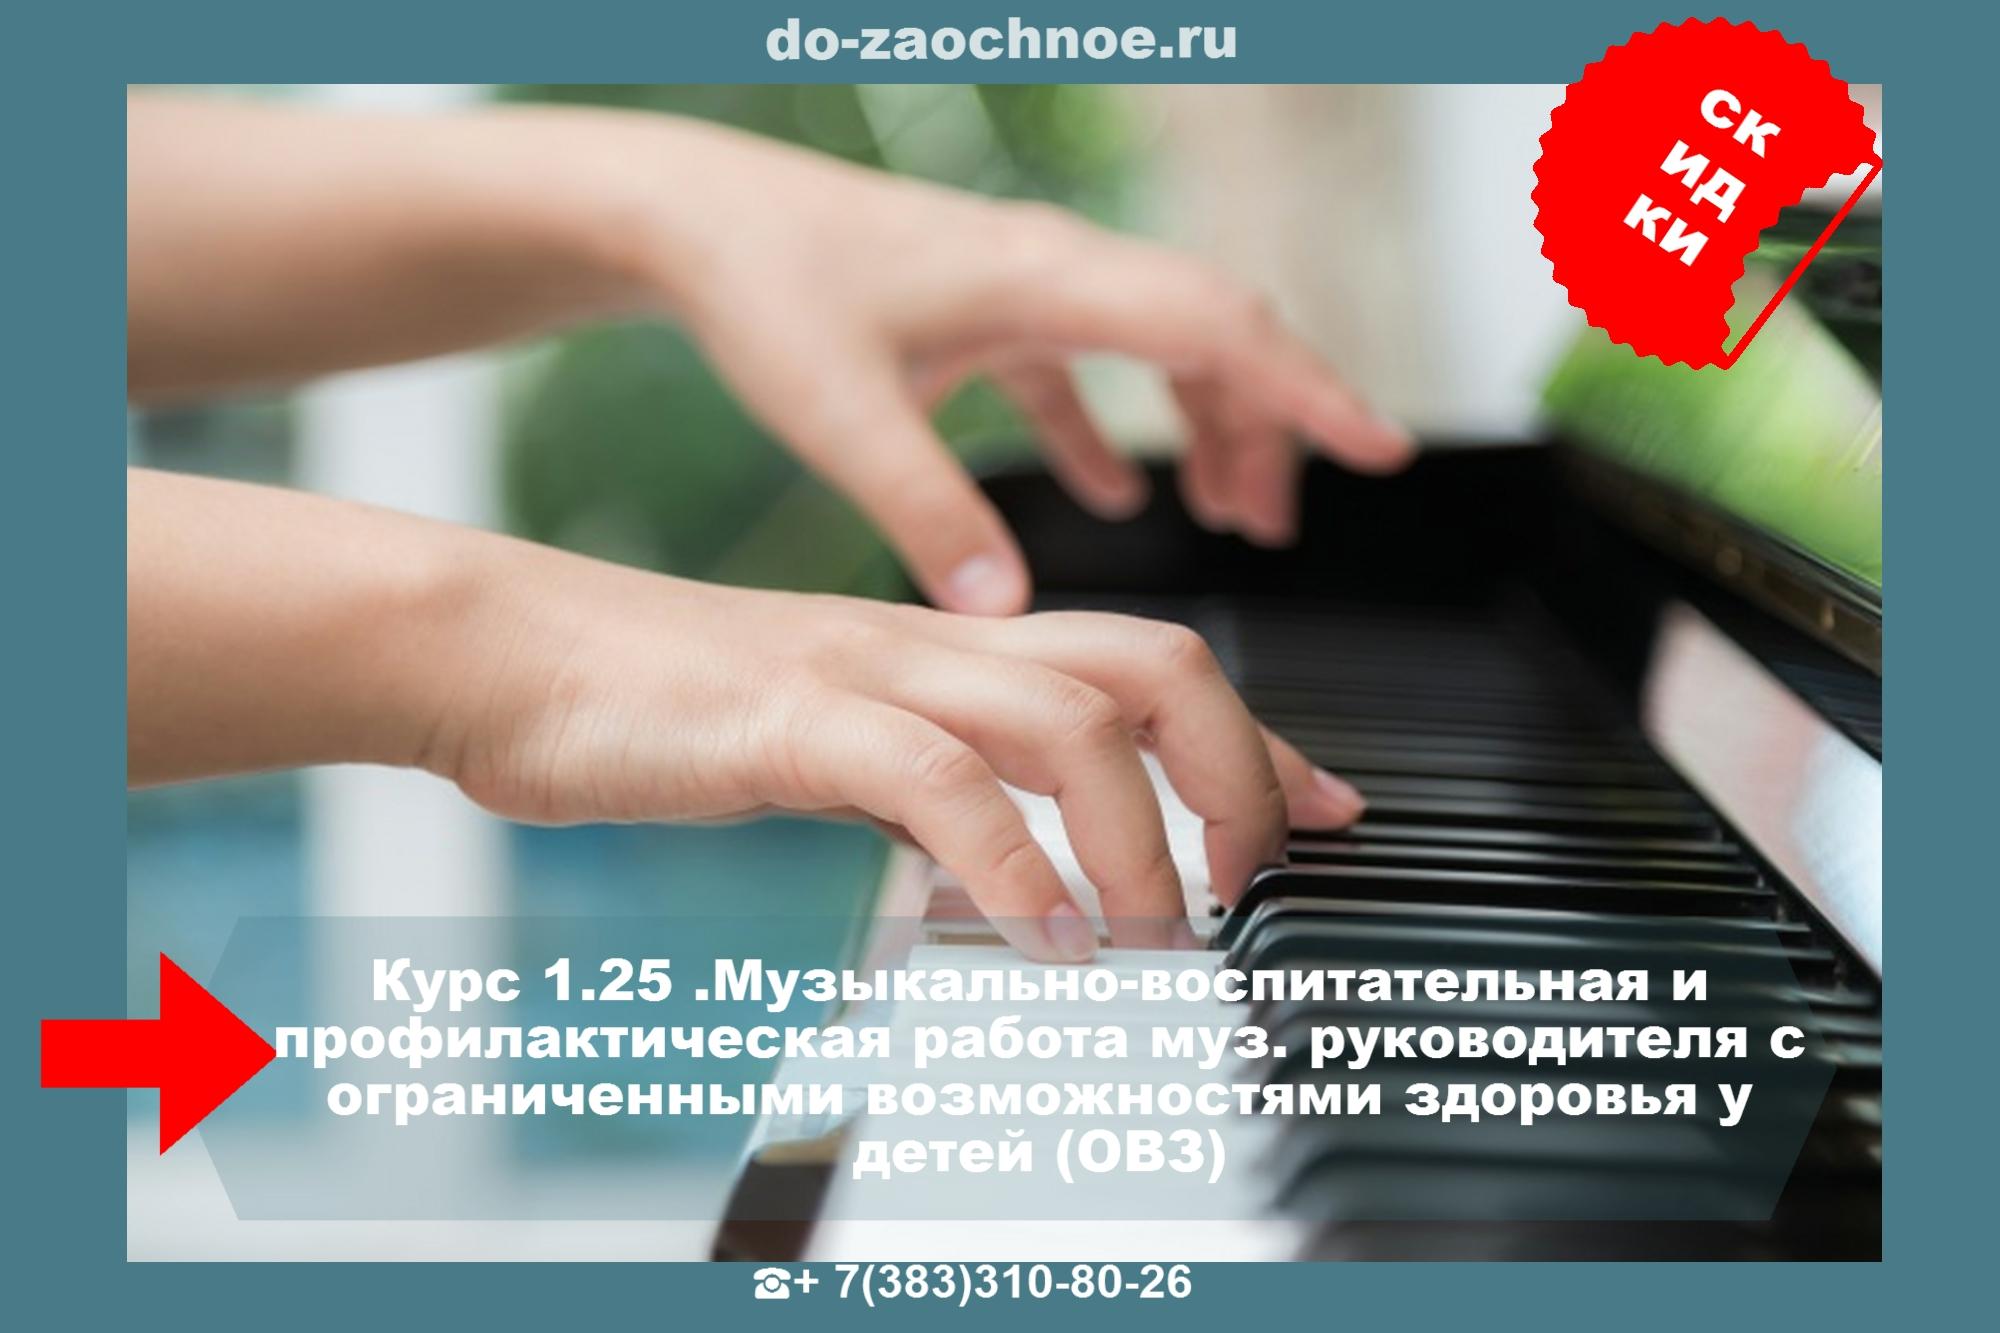 Дистанционный курс ИДПК Музыкально-воспитательная и профилактическая работа музыкального руководителя с ограниченными возможностями здоровья у детей (ОВЗ)